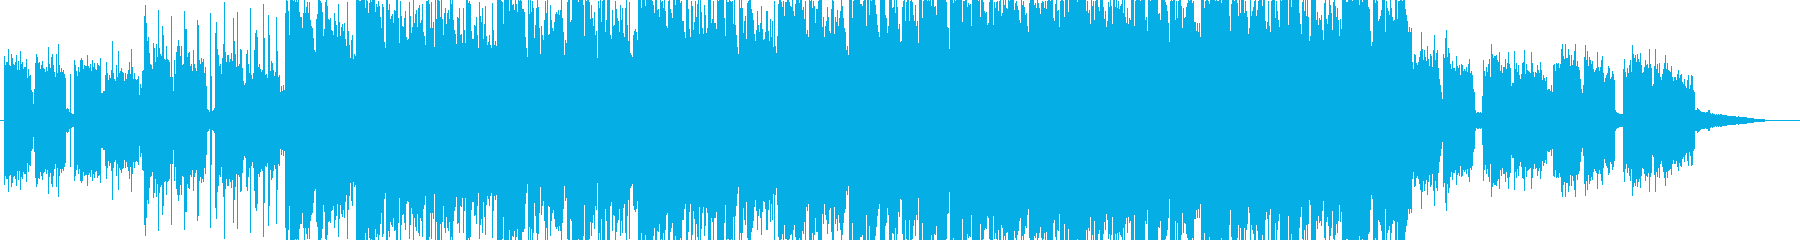 穏やかで優しいエレクトロニカ曲_bの再生済みの波形